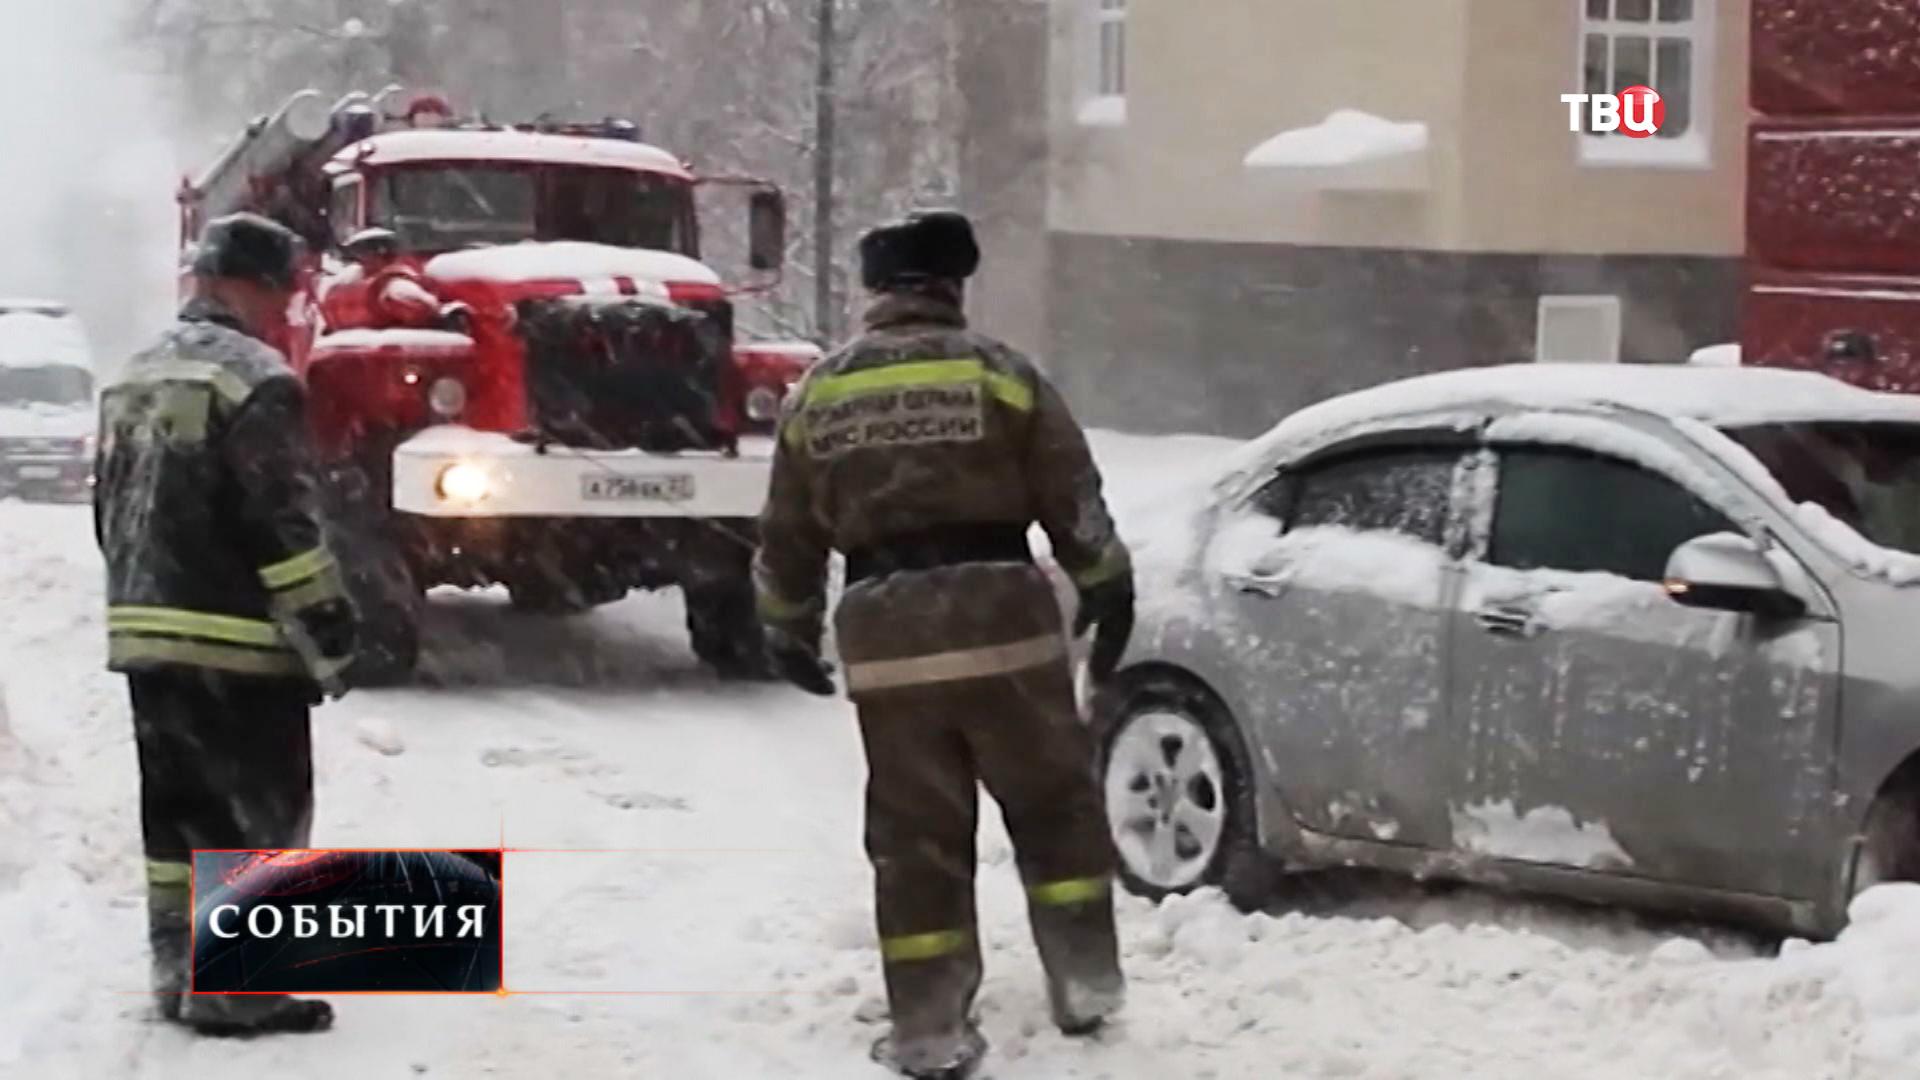 Сотрудники МЧС оказывают помощь водителю